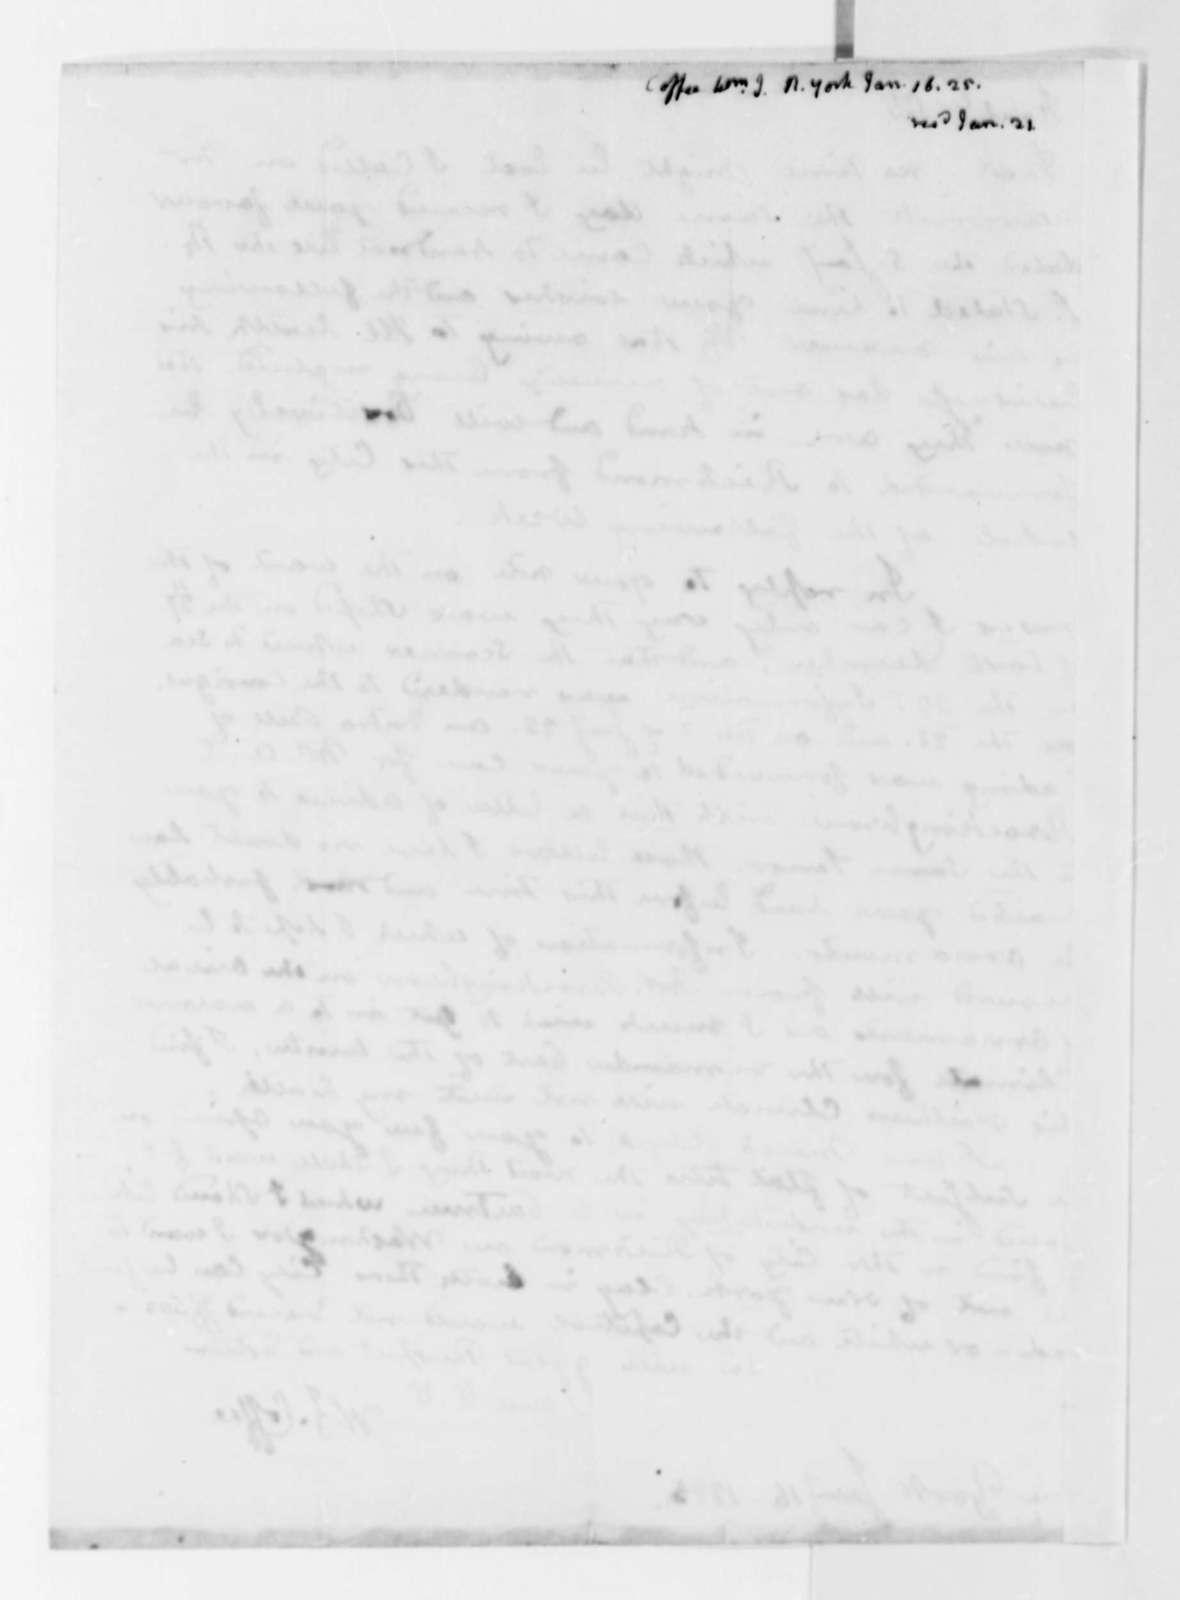 William J. Coffee to Thomas Jefferson, January 16, 1825